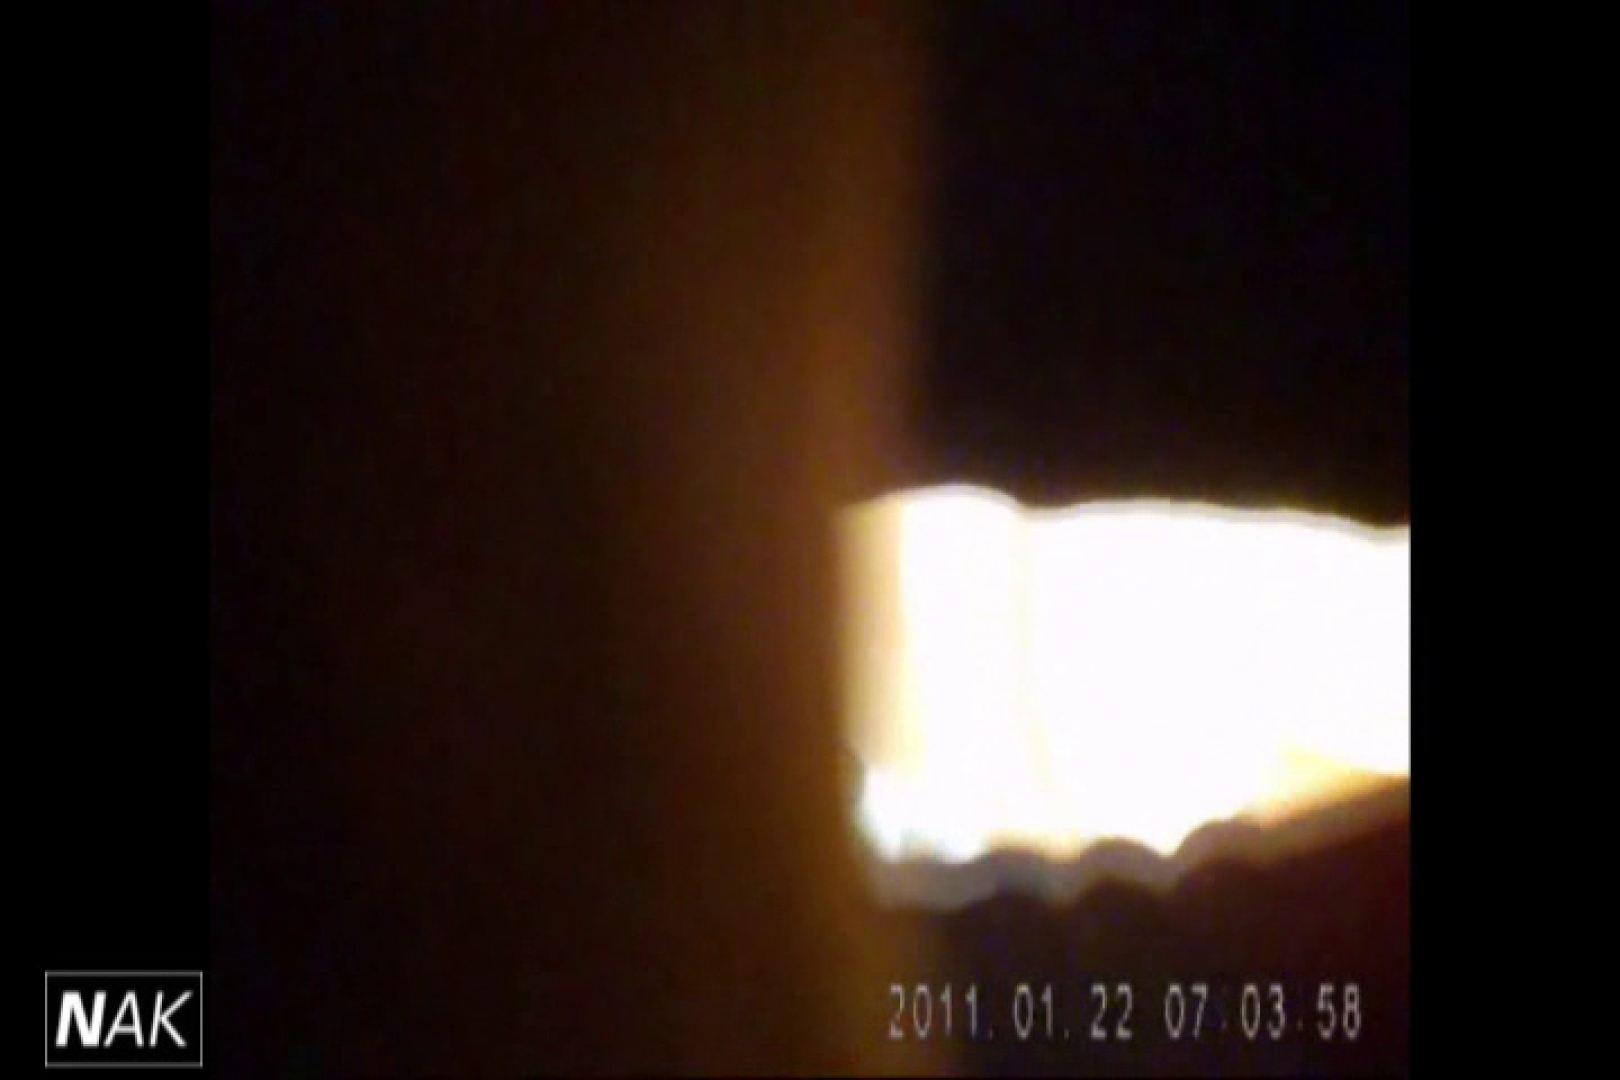 せん八さんの厠観察日記!2点監視カメラ 高画質5000K vol.10 高画質 盗撮オメコ無修正動画無料 67画像 39